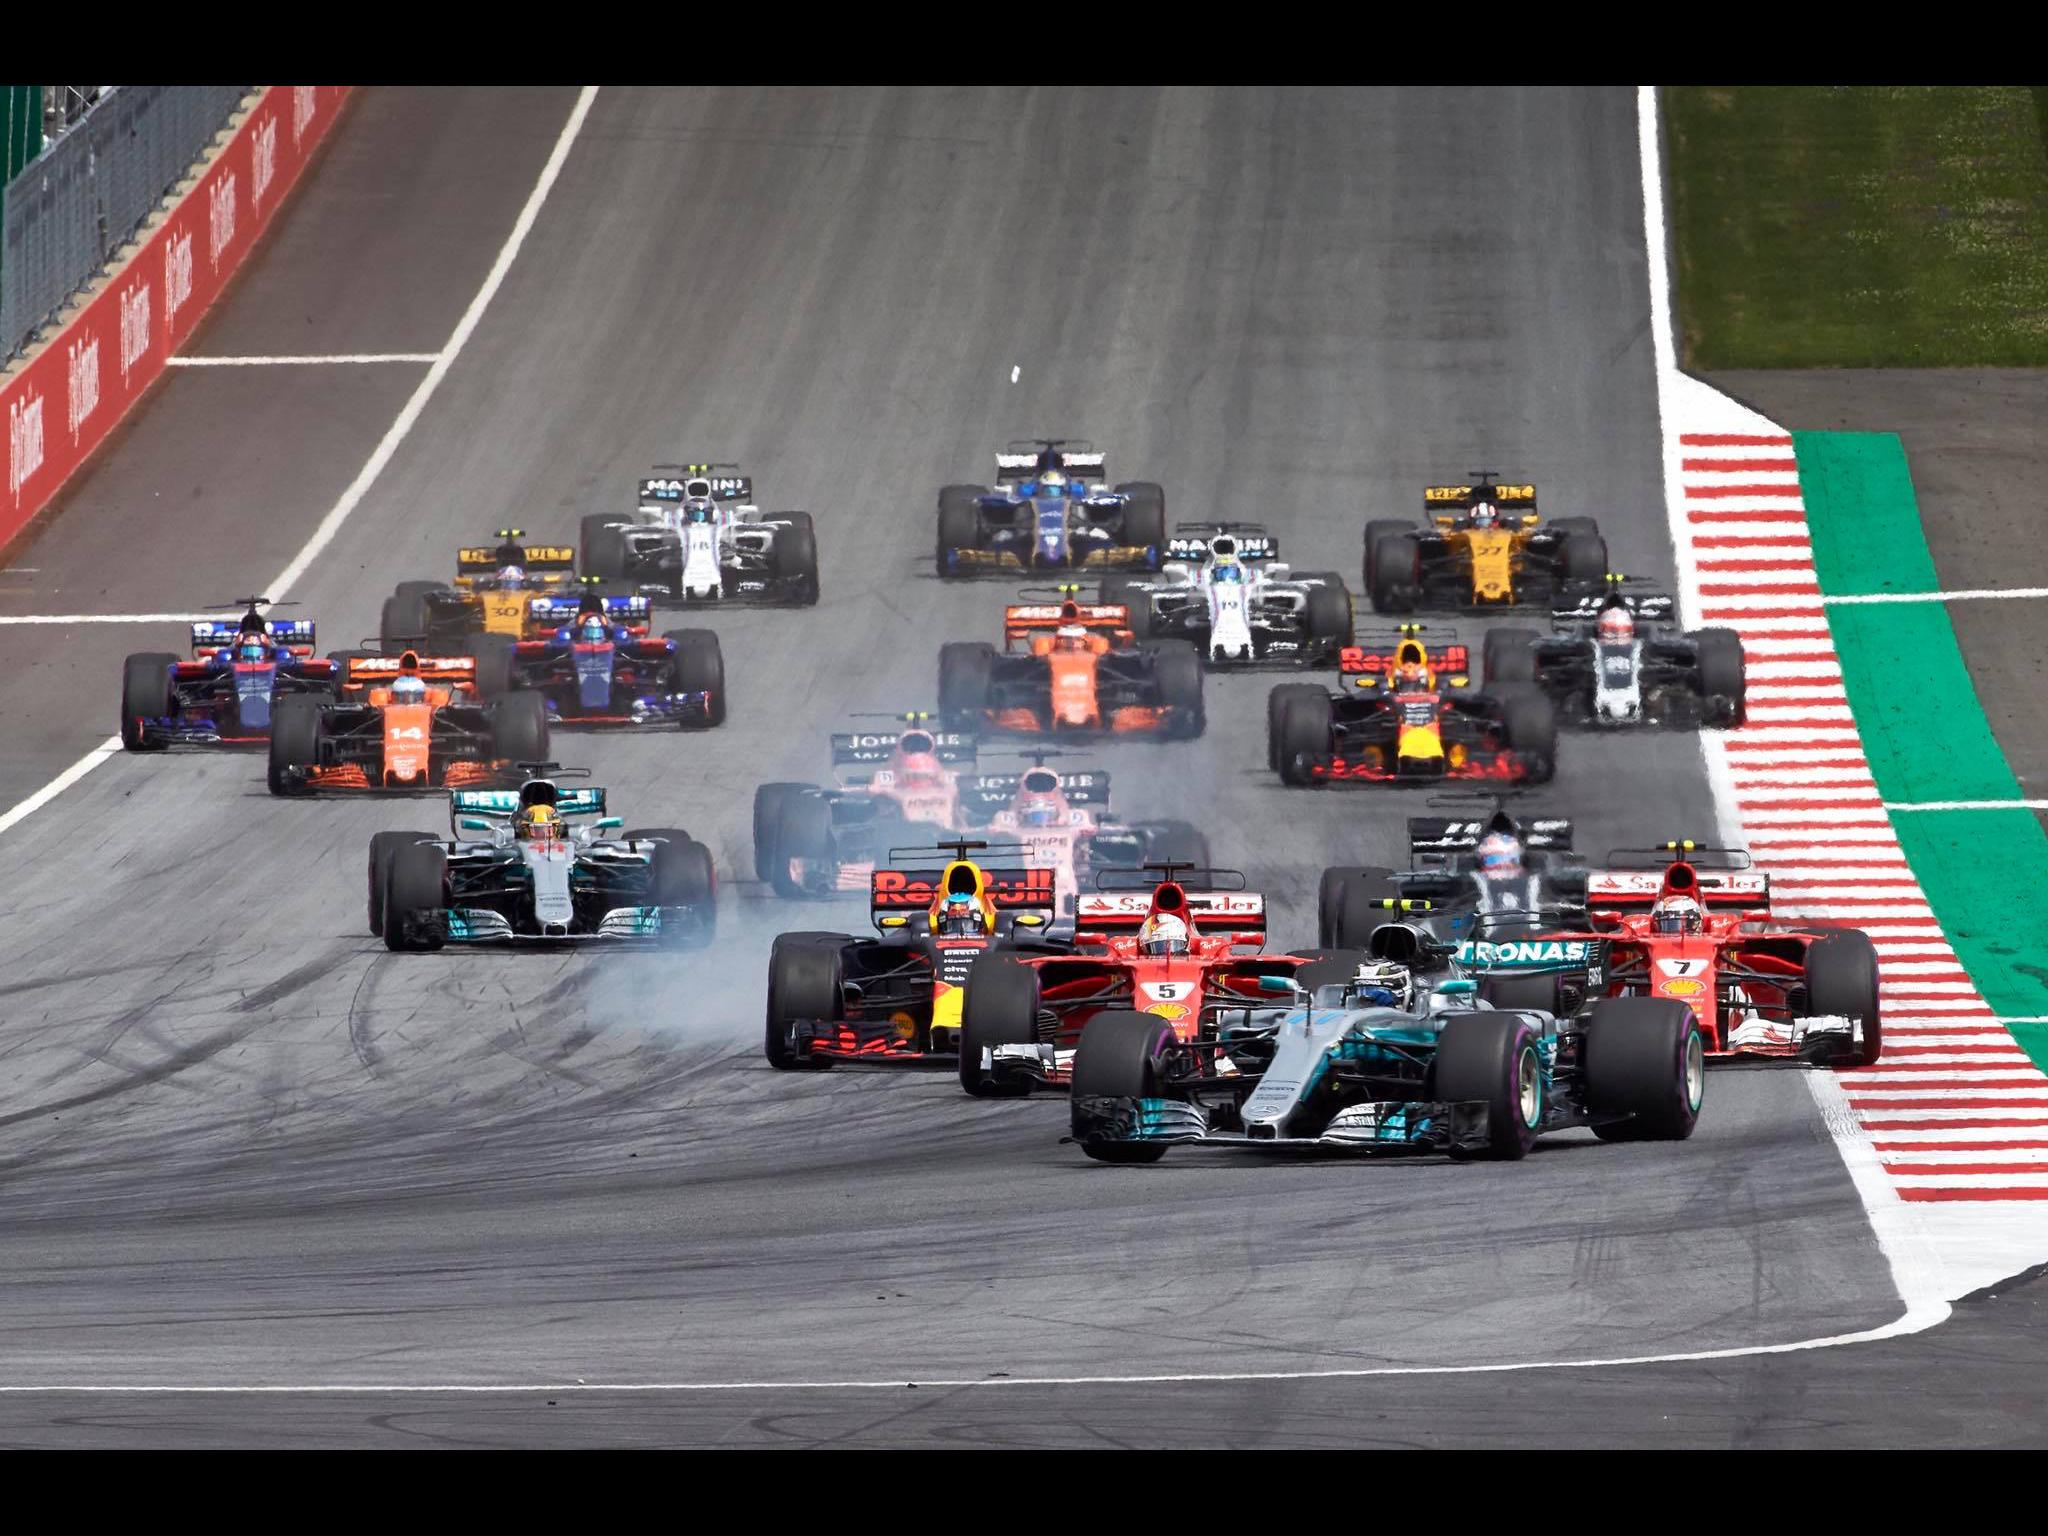 GP F1 Austria 9th of July 2017.